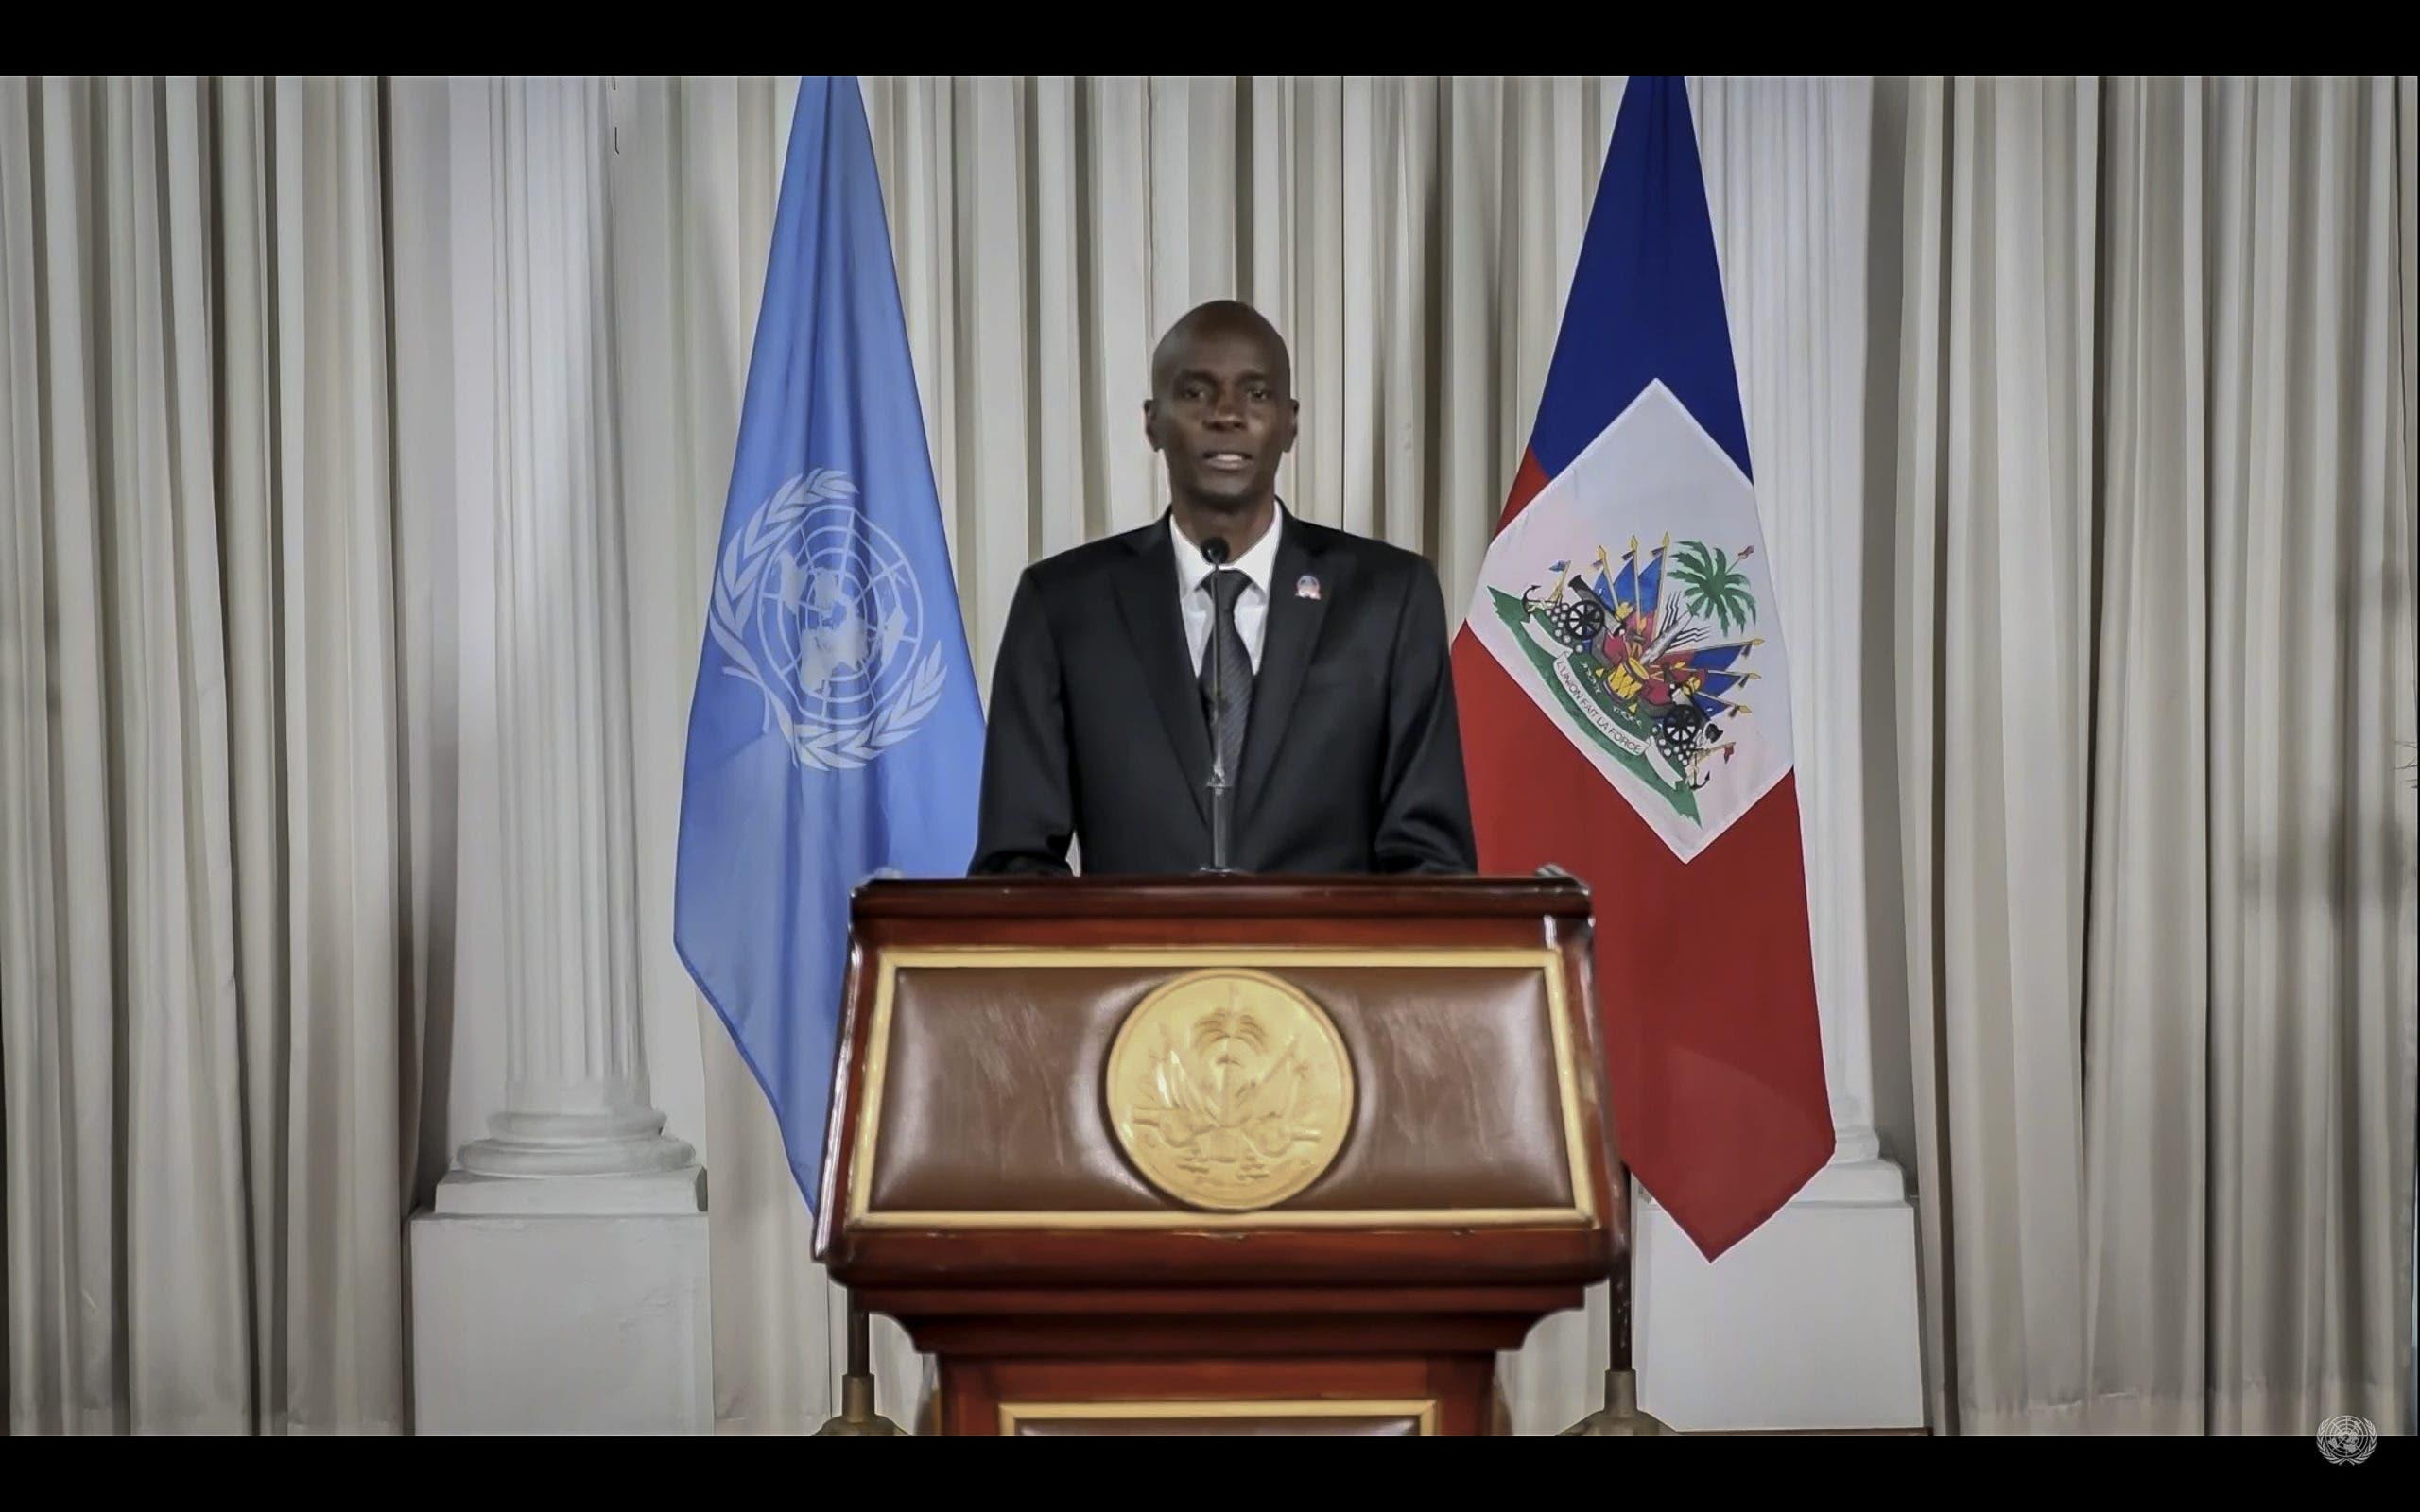 Jovenel Moïse quiere celebrar elecciones libres, justas y democráticas en Haití